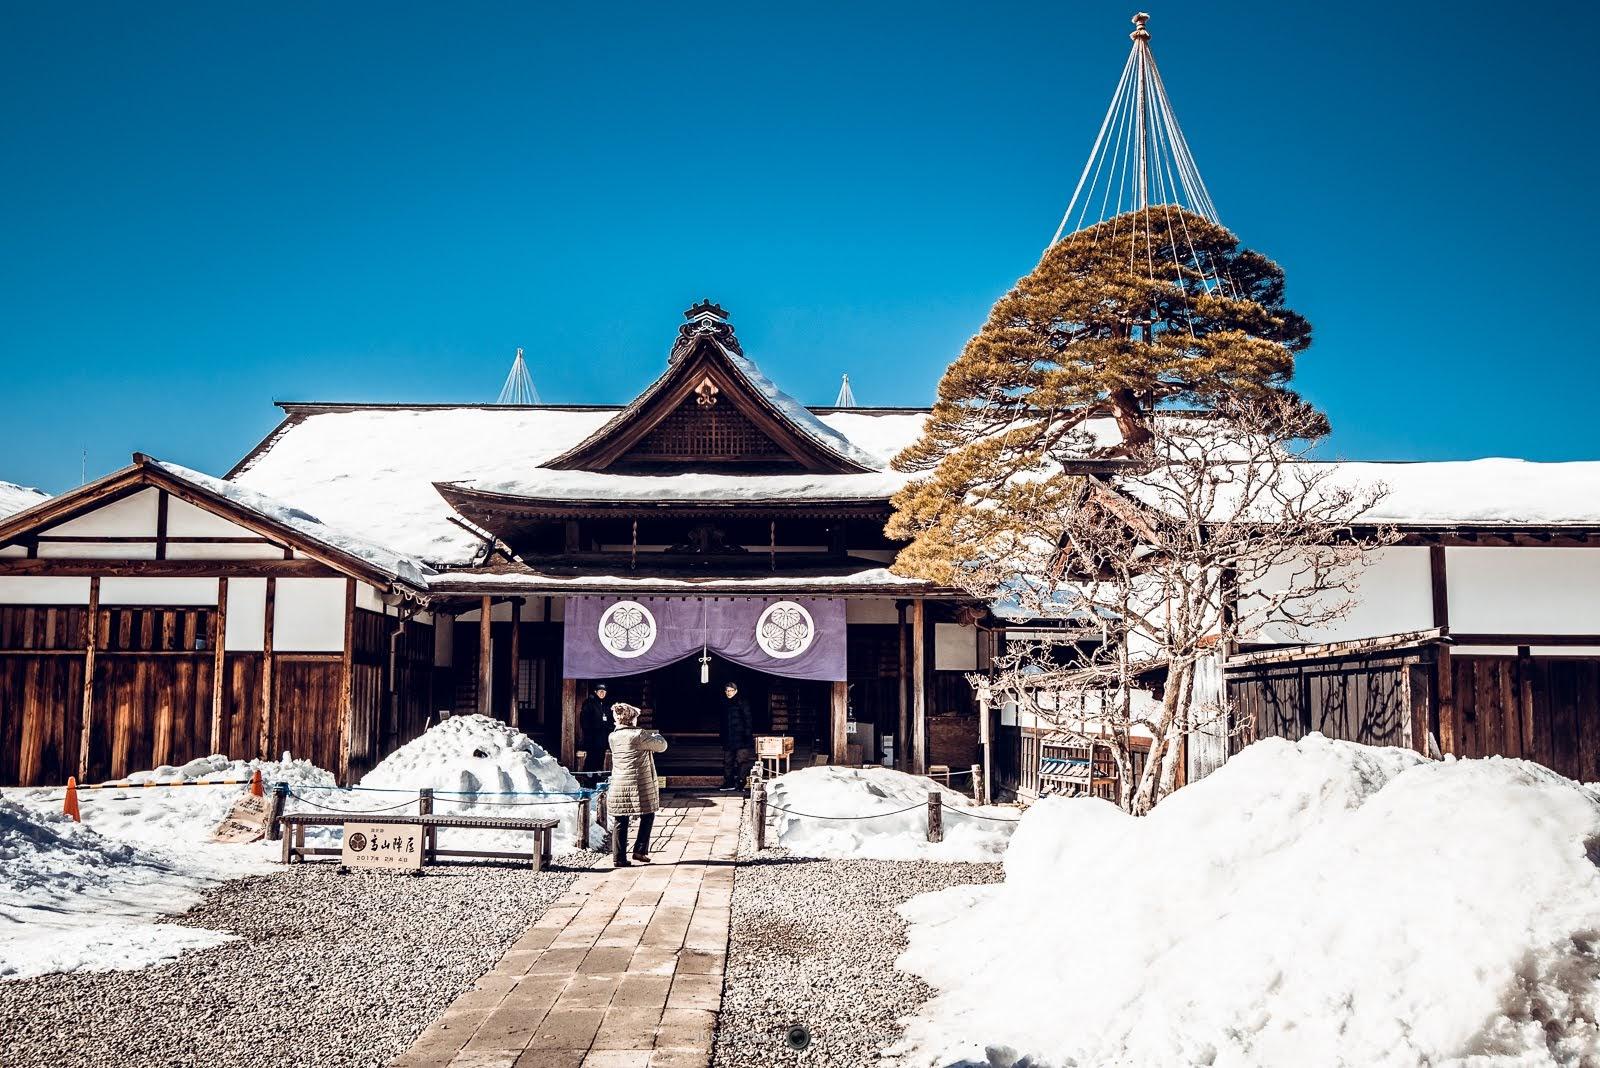 高山陣屋的主體建築,因為高山市是年降雪量很高的地區,樹木上也有預防大雪壓壞的「雪釣」。